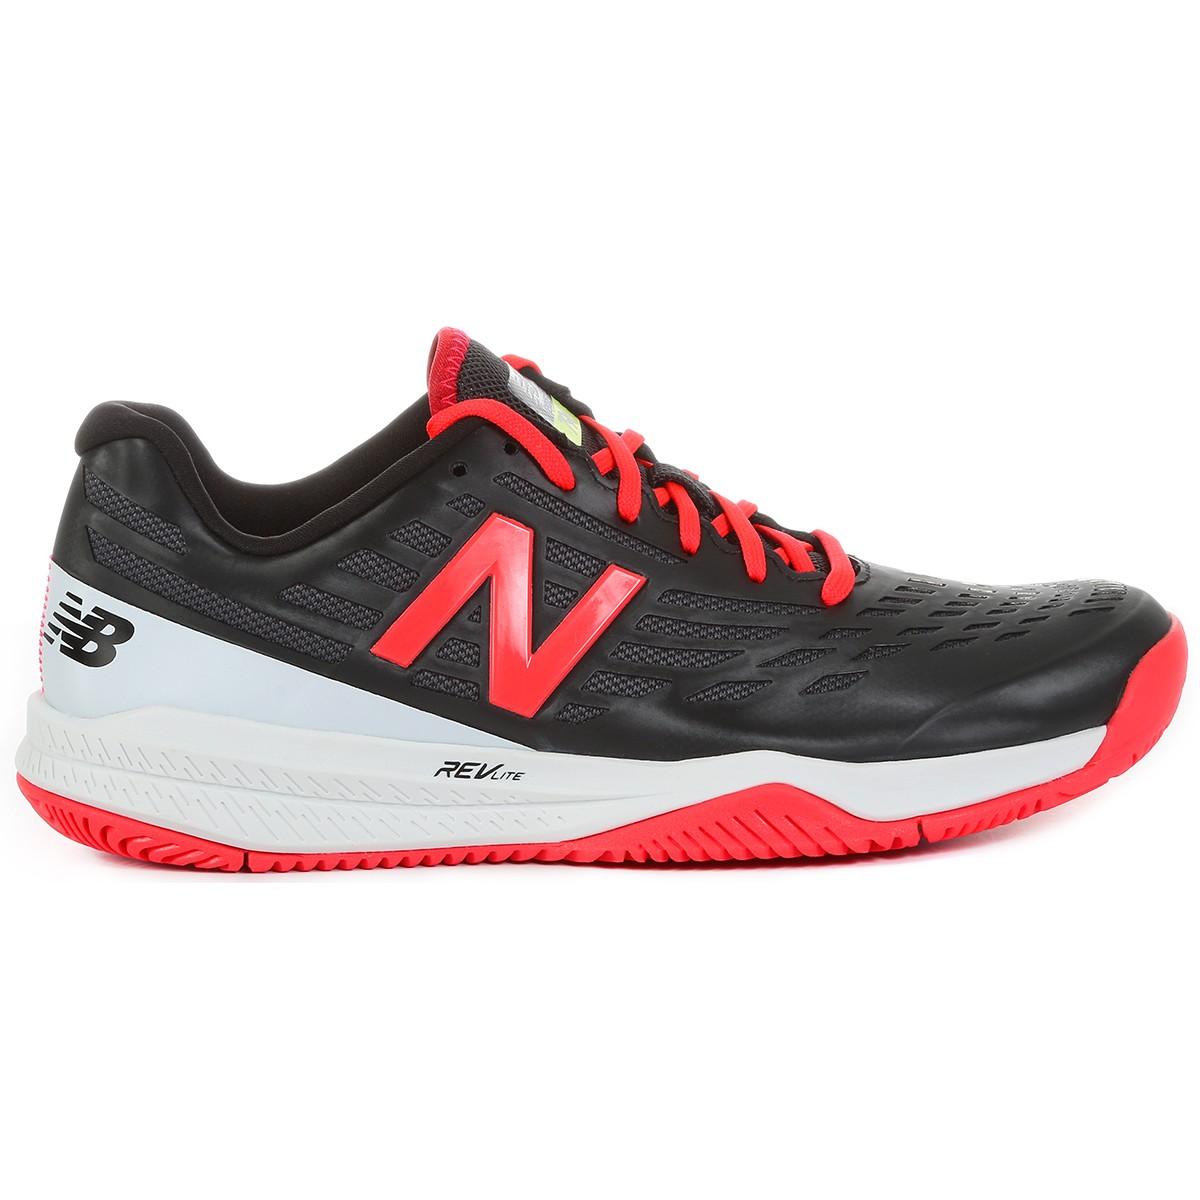 chaussures New Balance que signifie le nombre